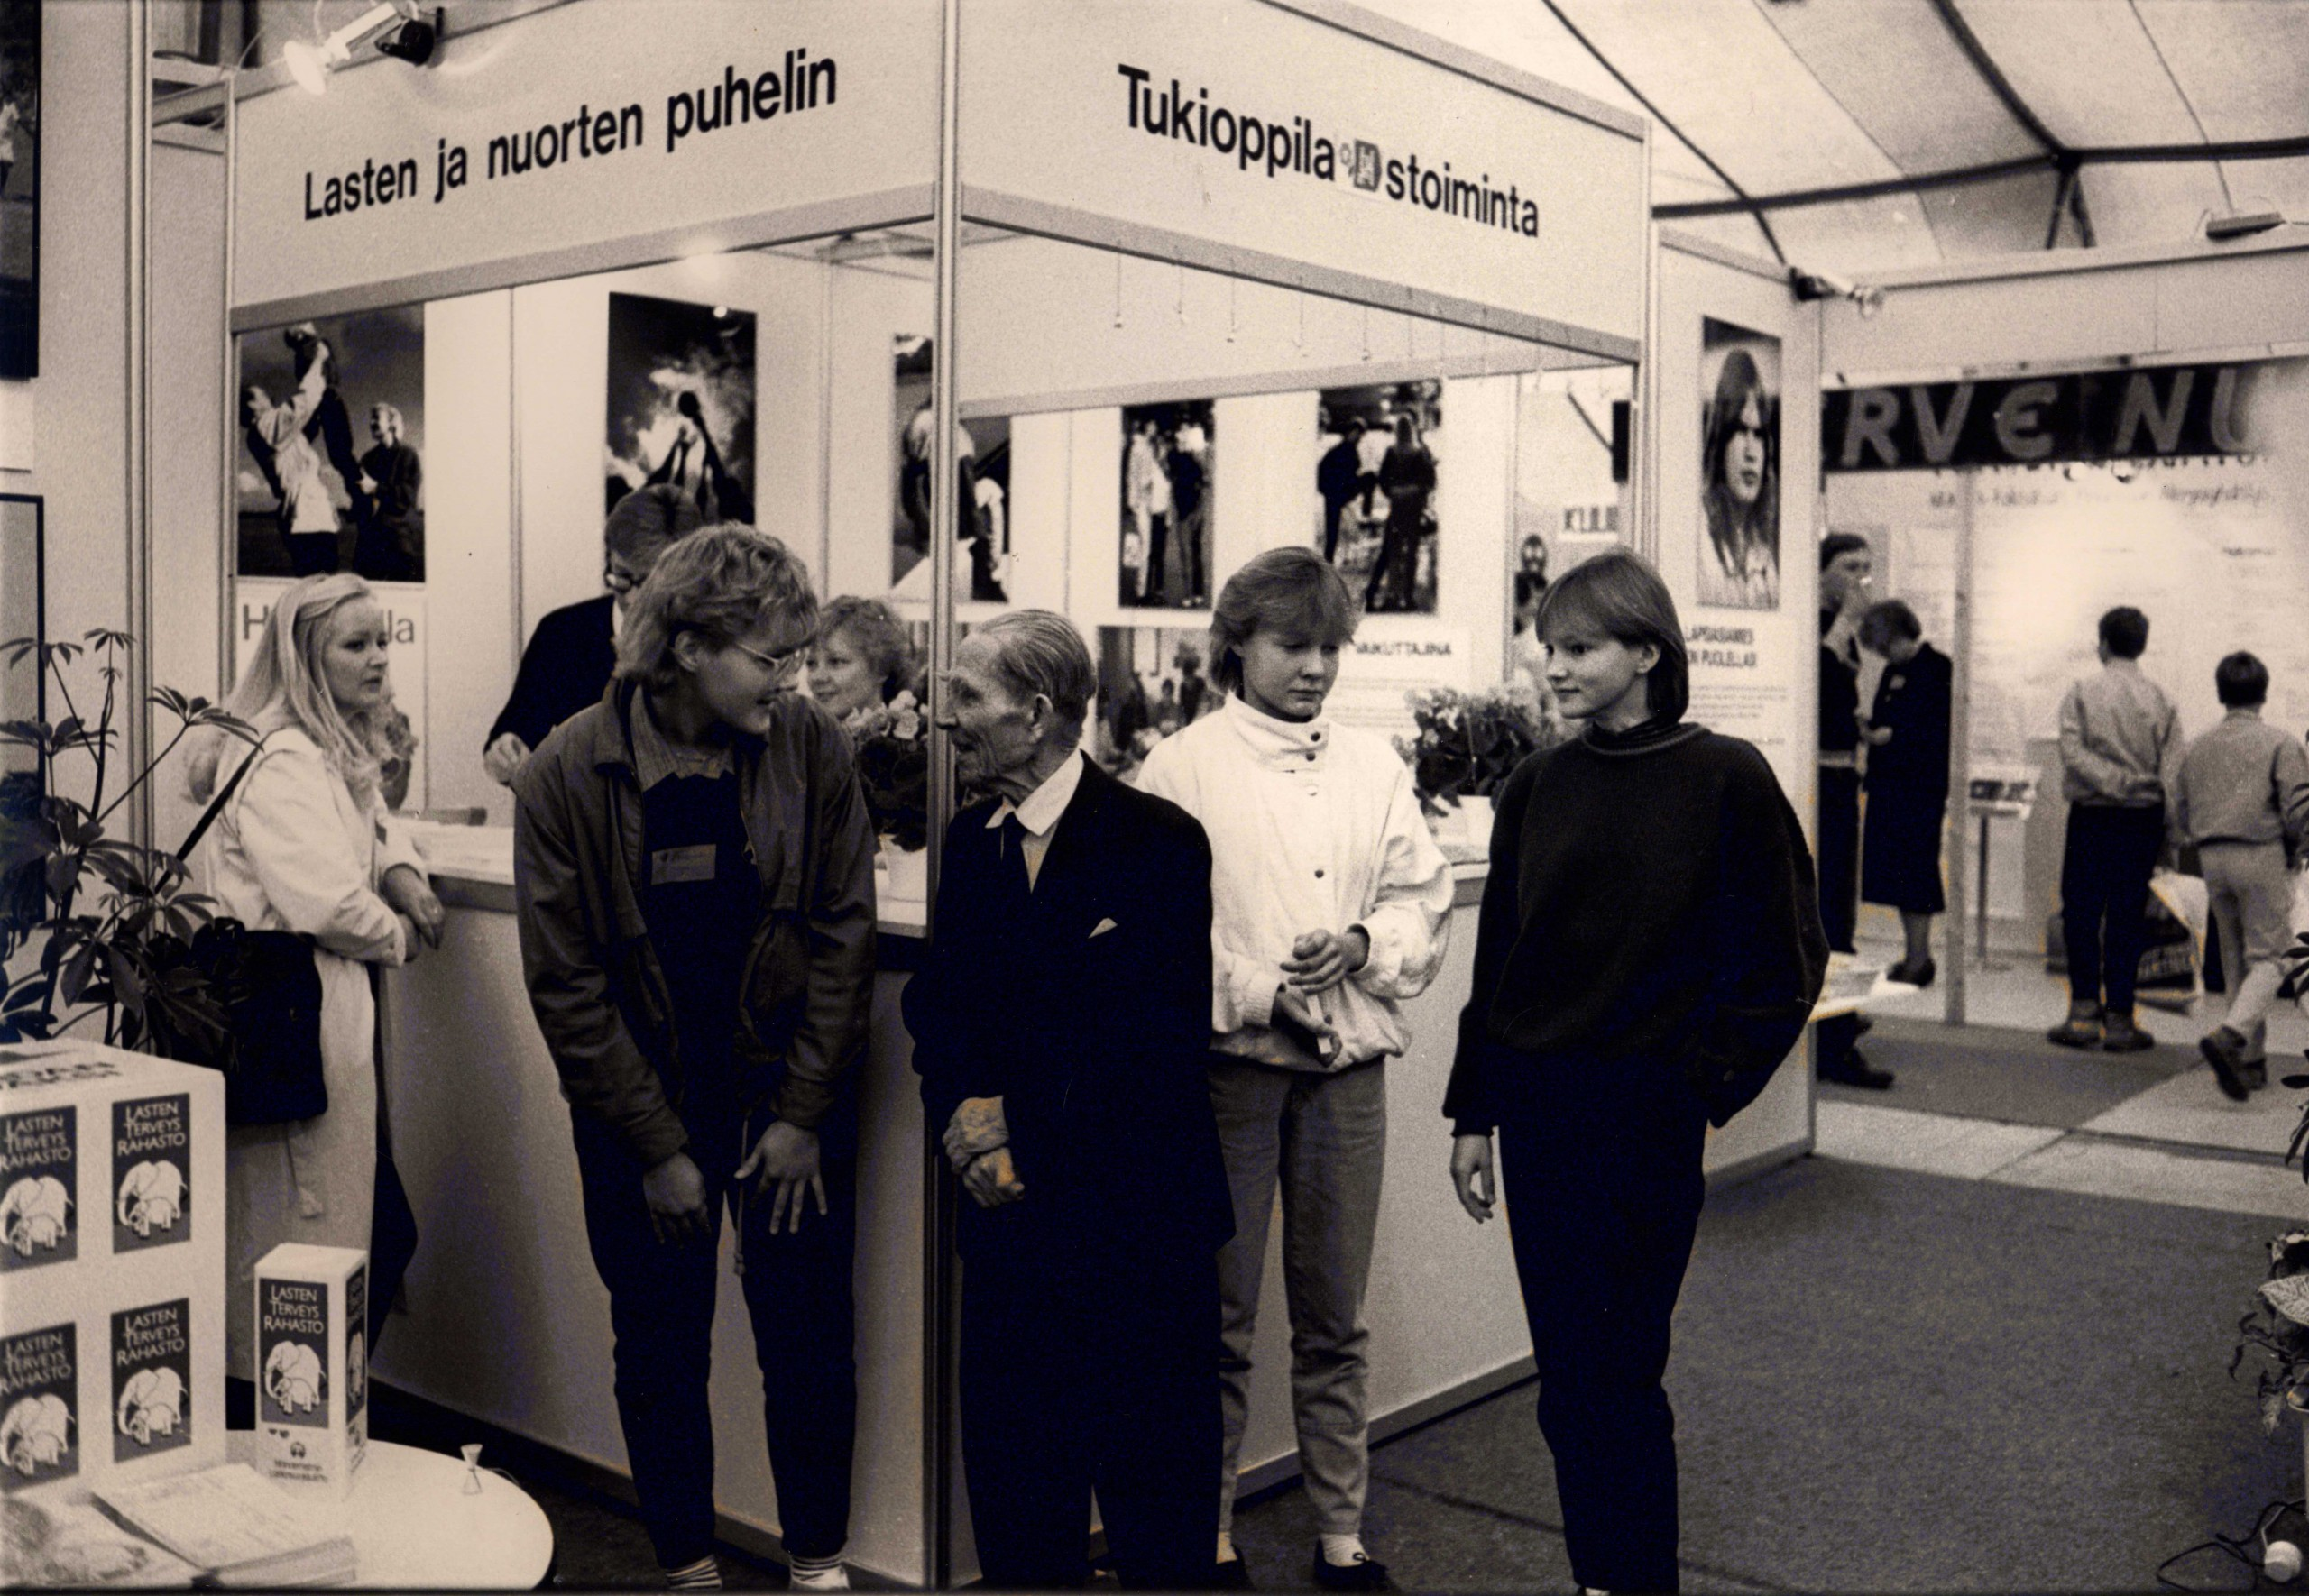 Festa-nuorisotapahtuma vuonna 1985